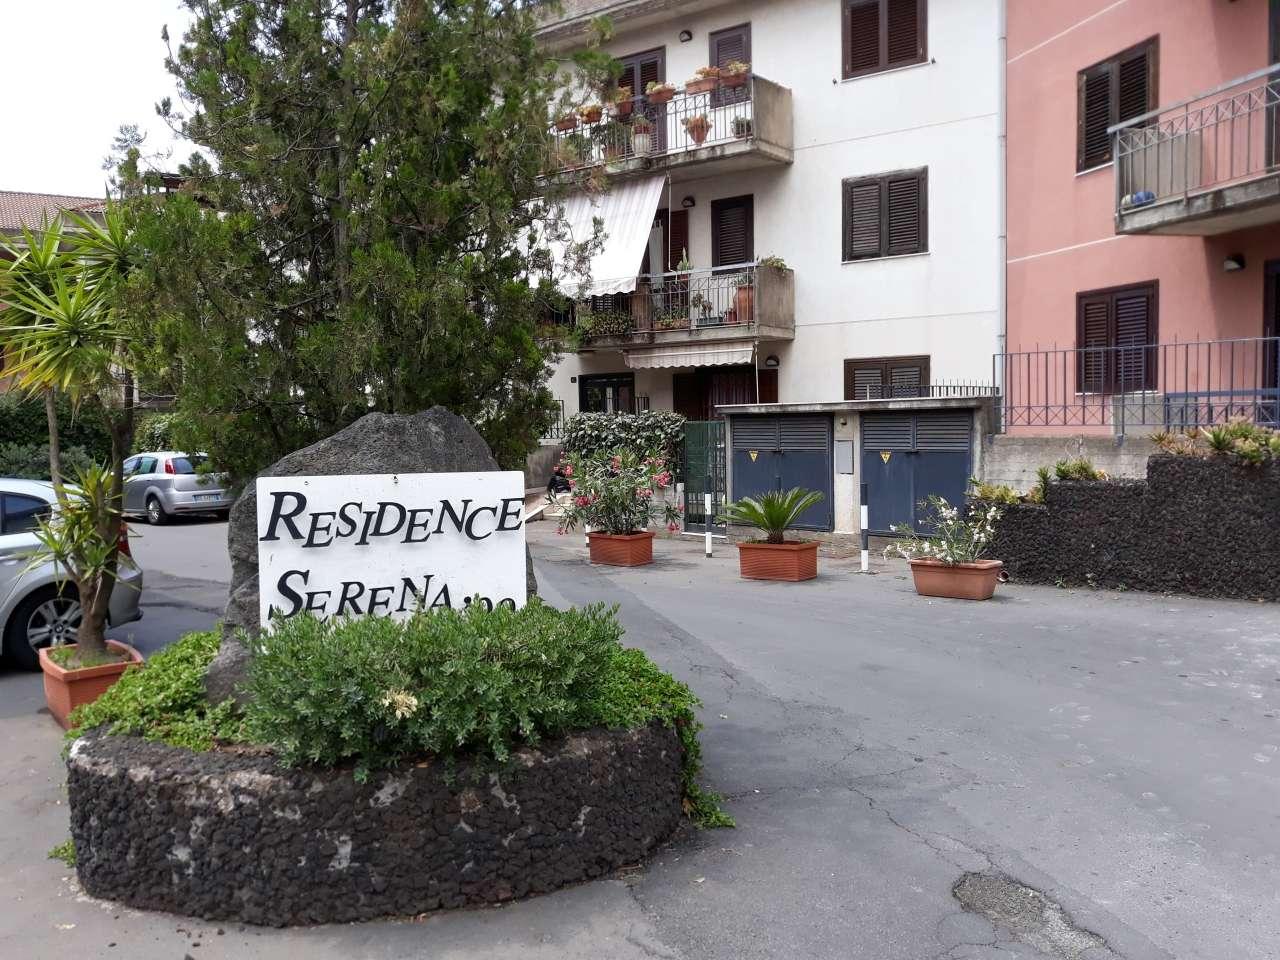 Appartamento 3 vani con giardino privato